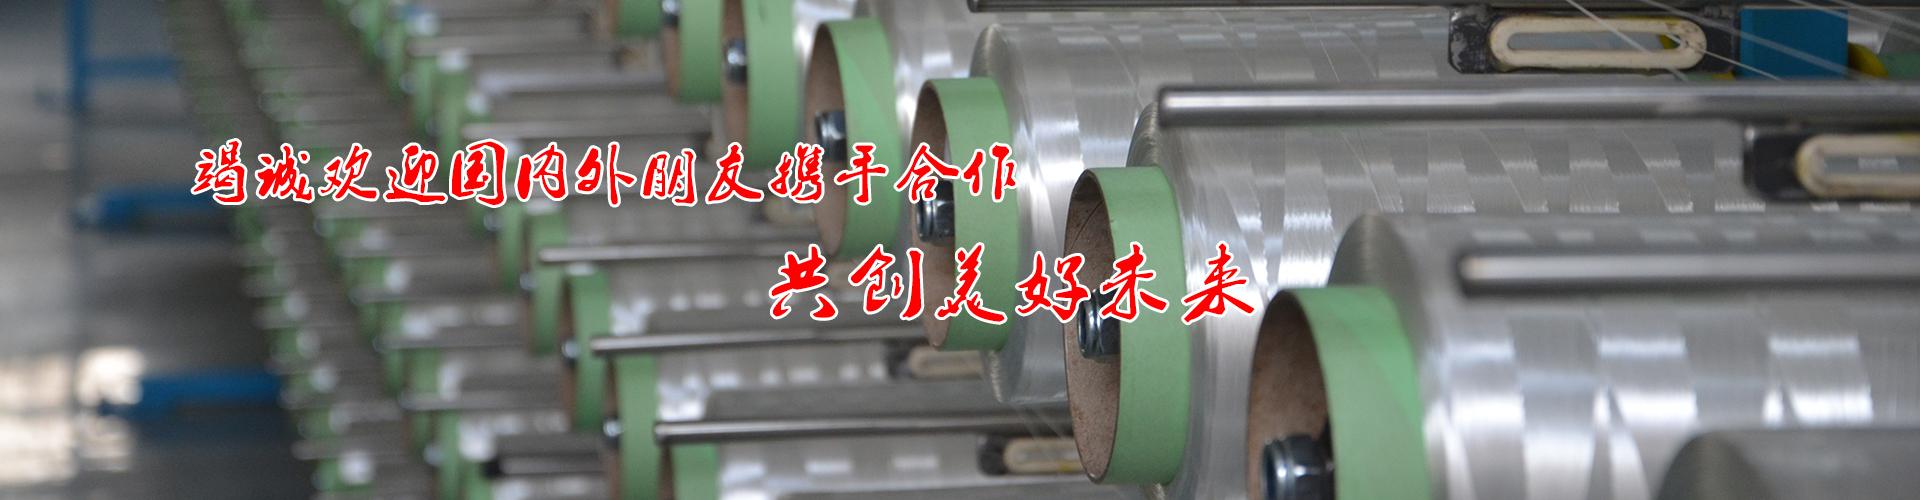 化纤机械设备